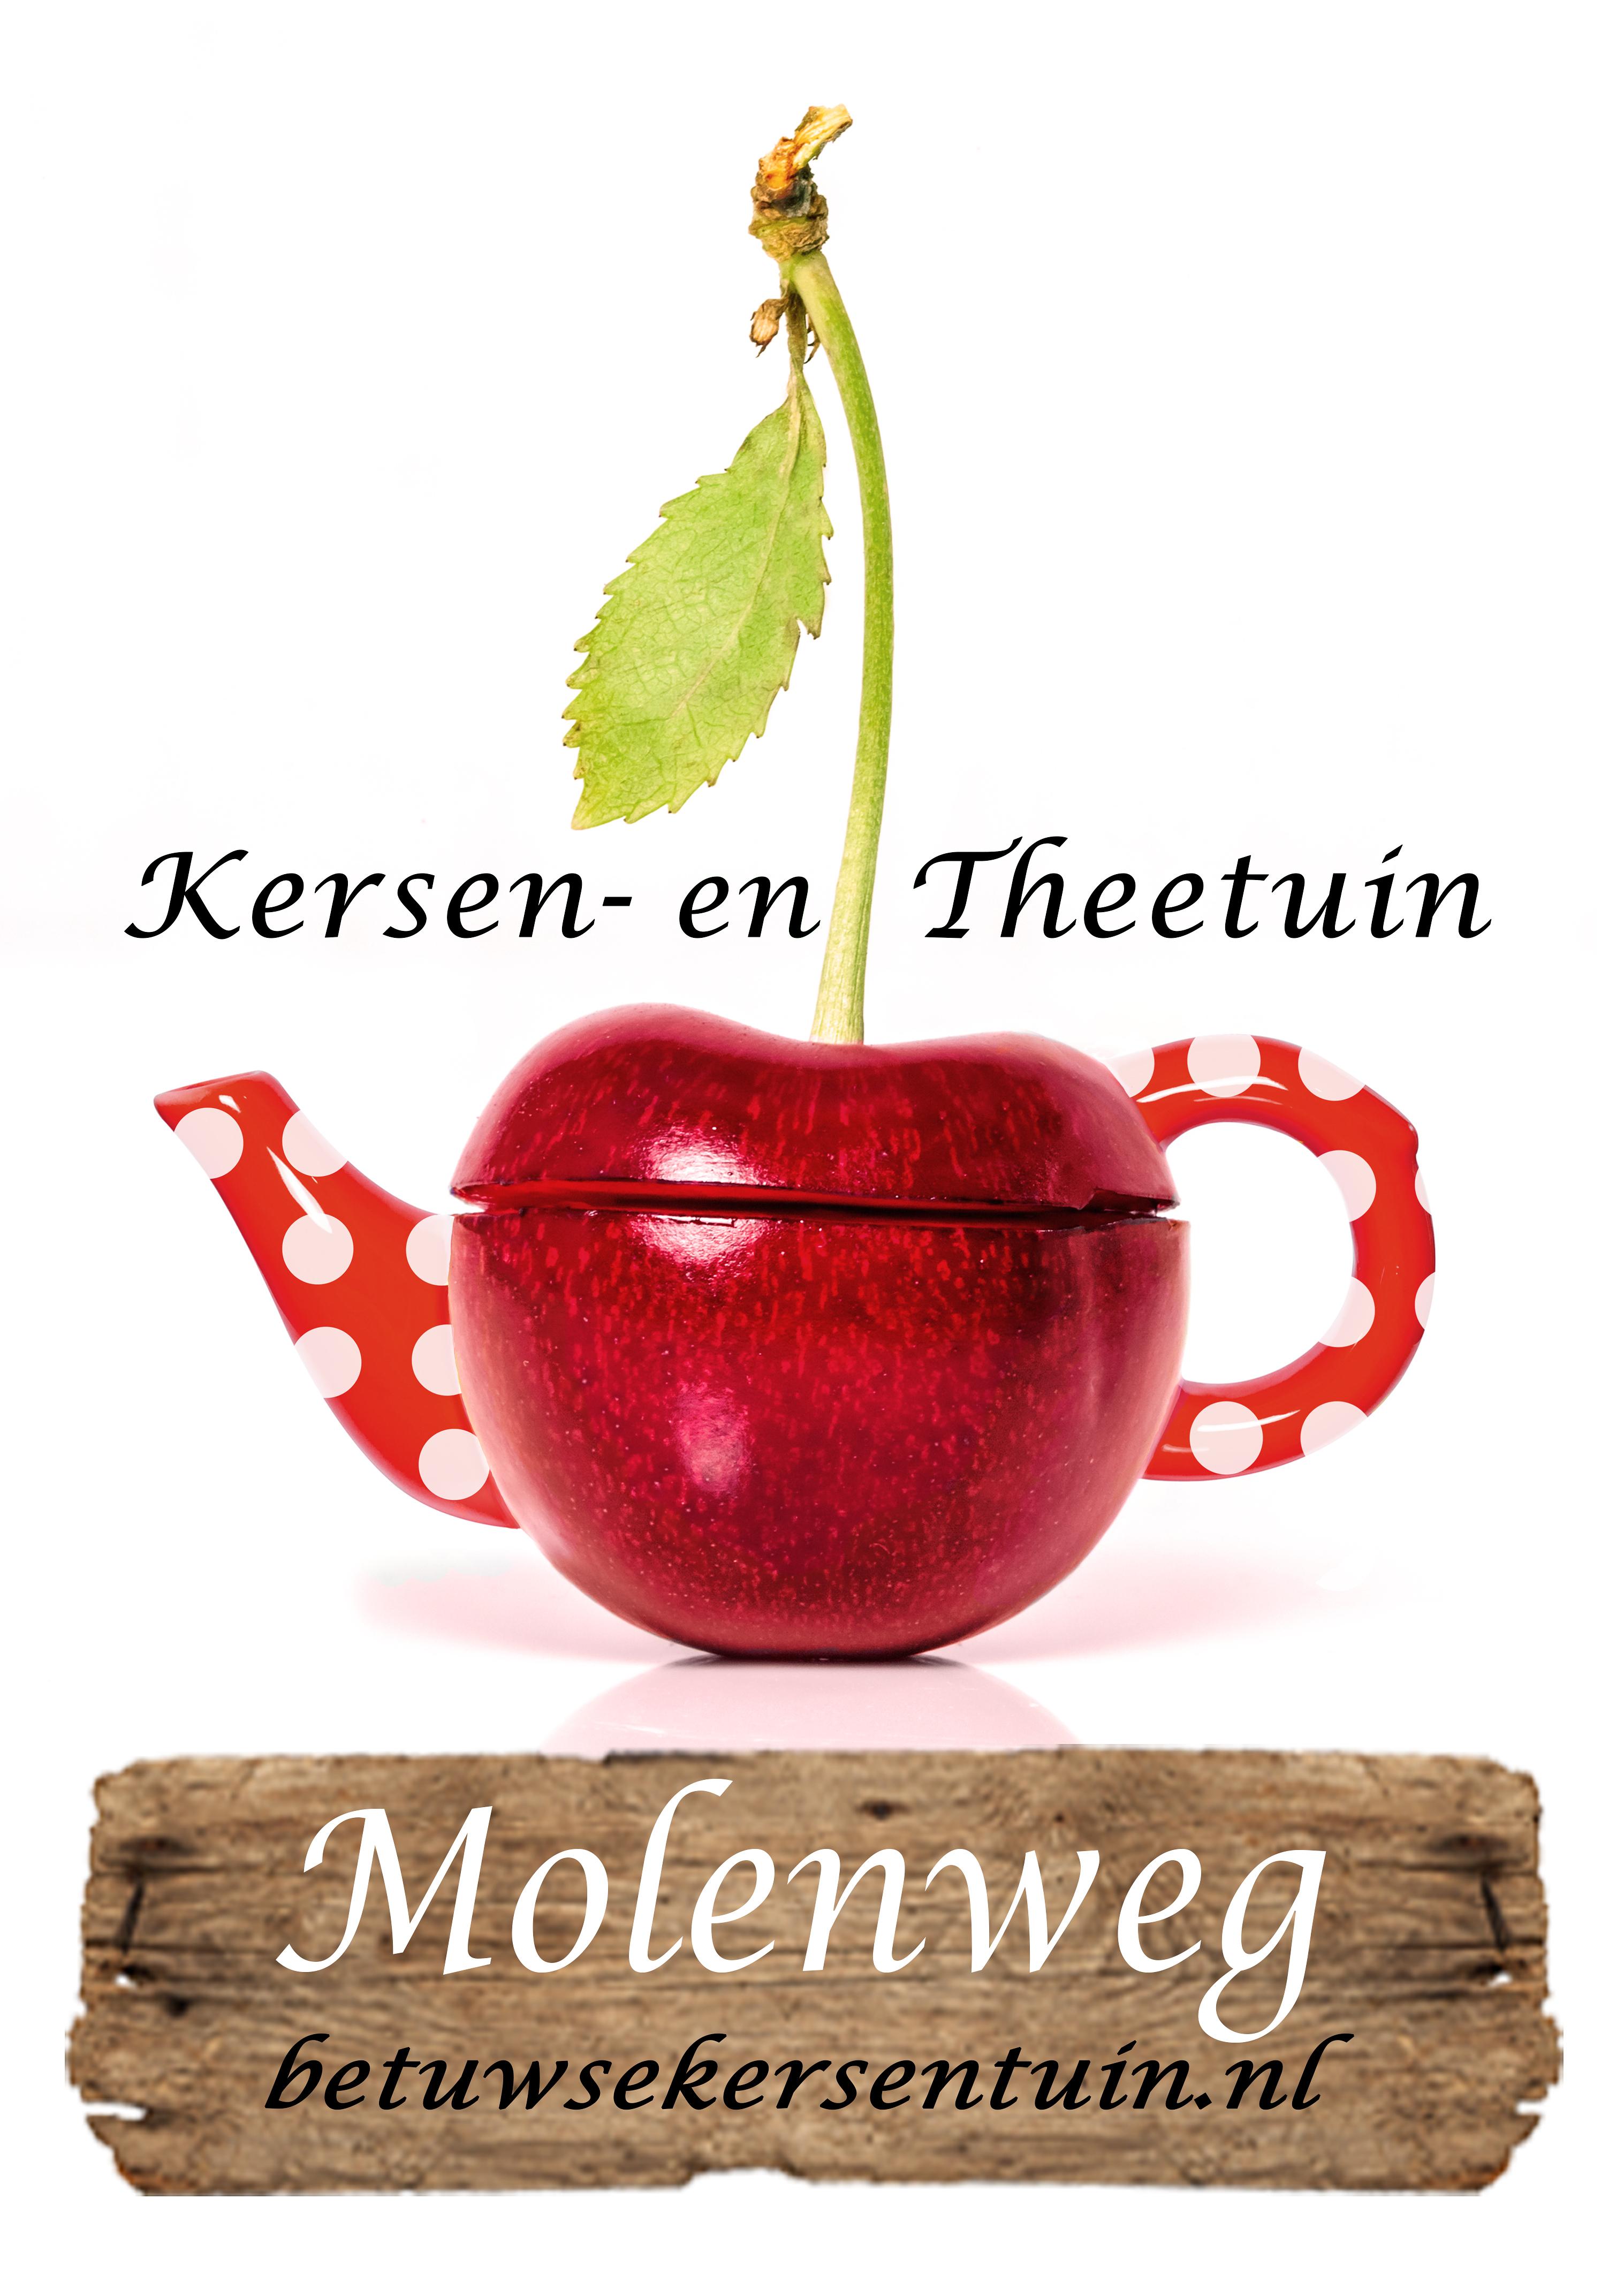 Logo Molenweg Wit - Compleet.jpg